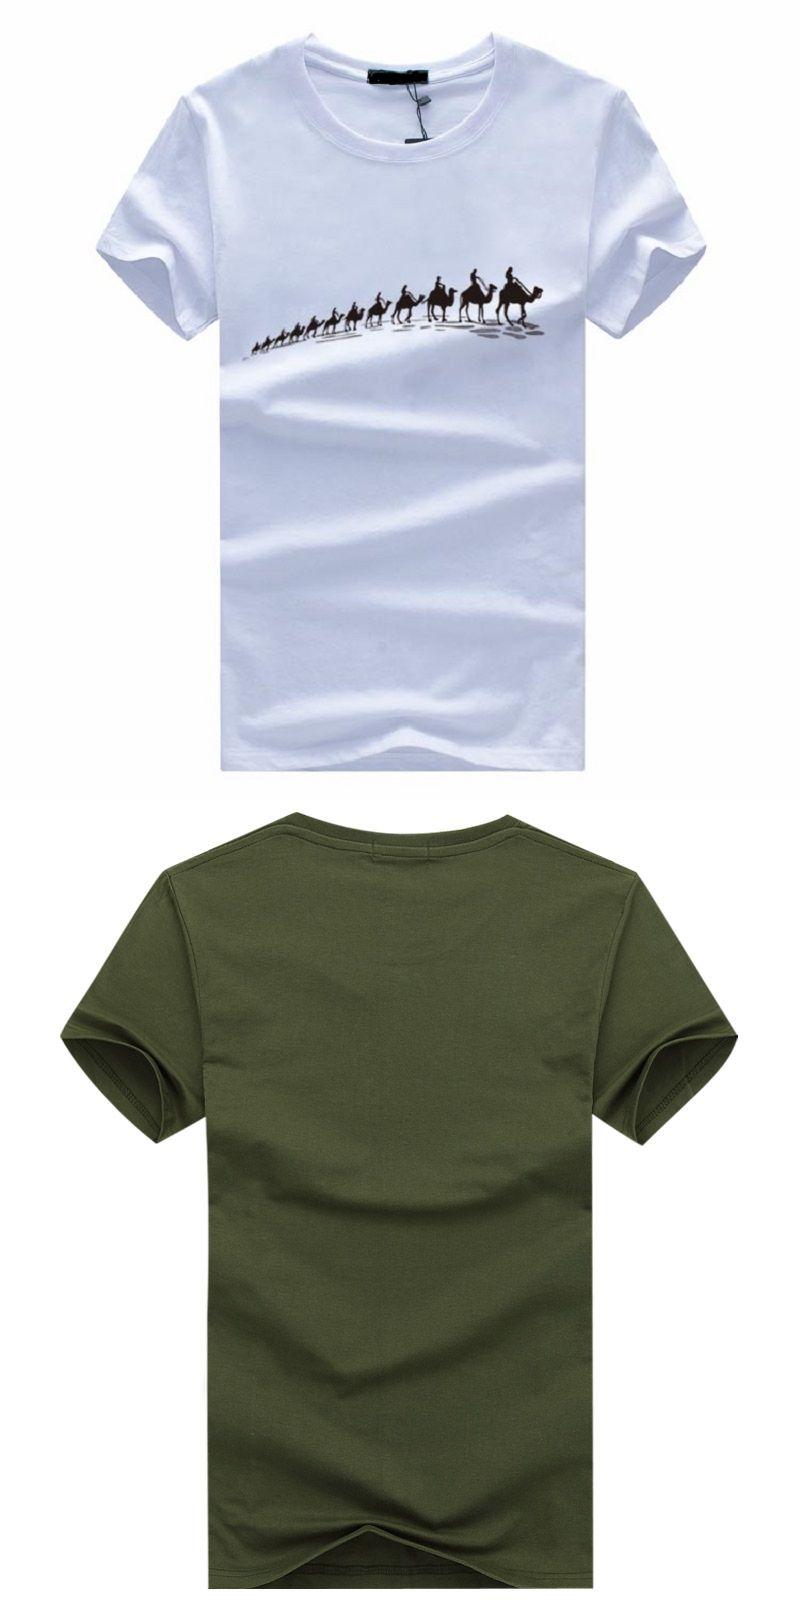 b782f51a4a7ab Blue Cheetah Print Shirt Mens « Alzheimer's Network of Oregon